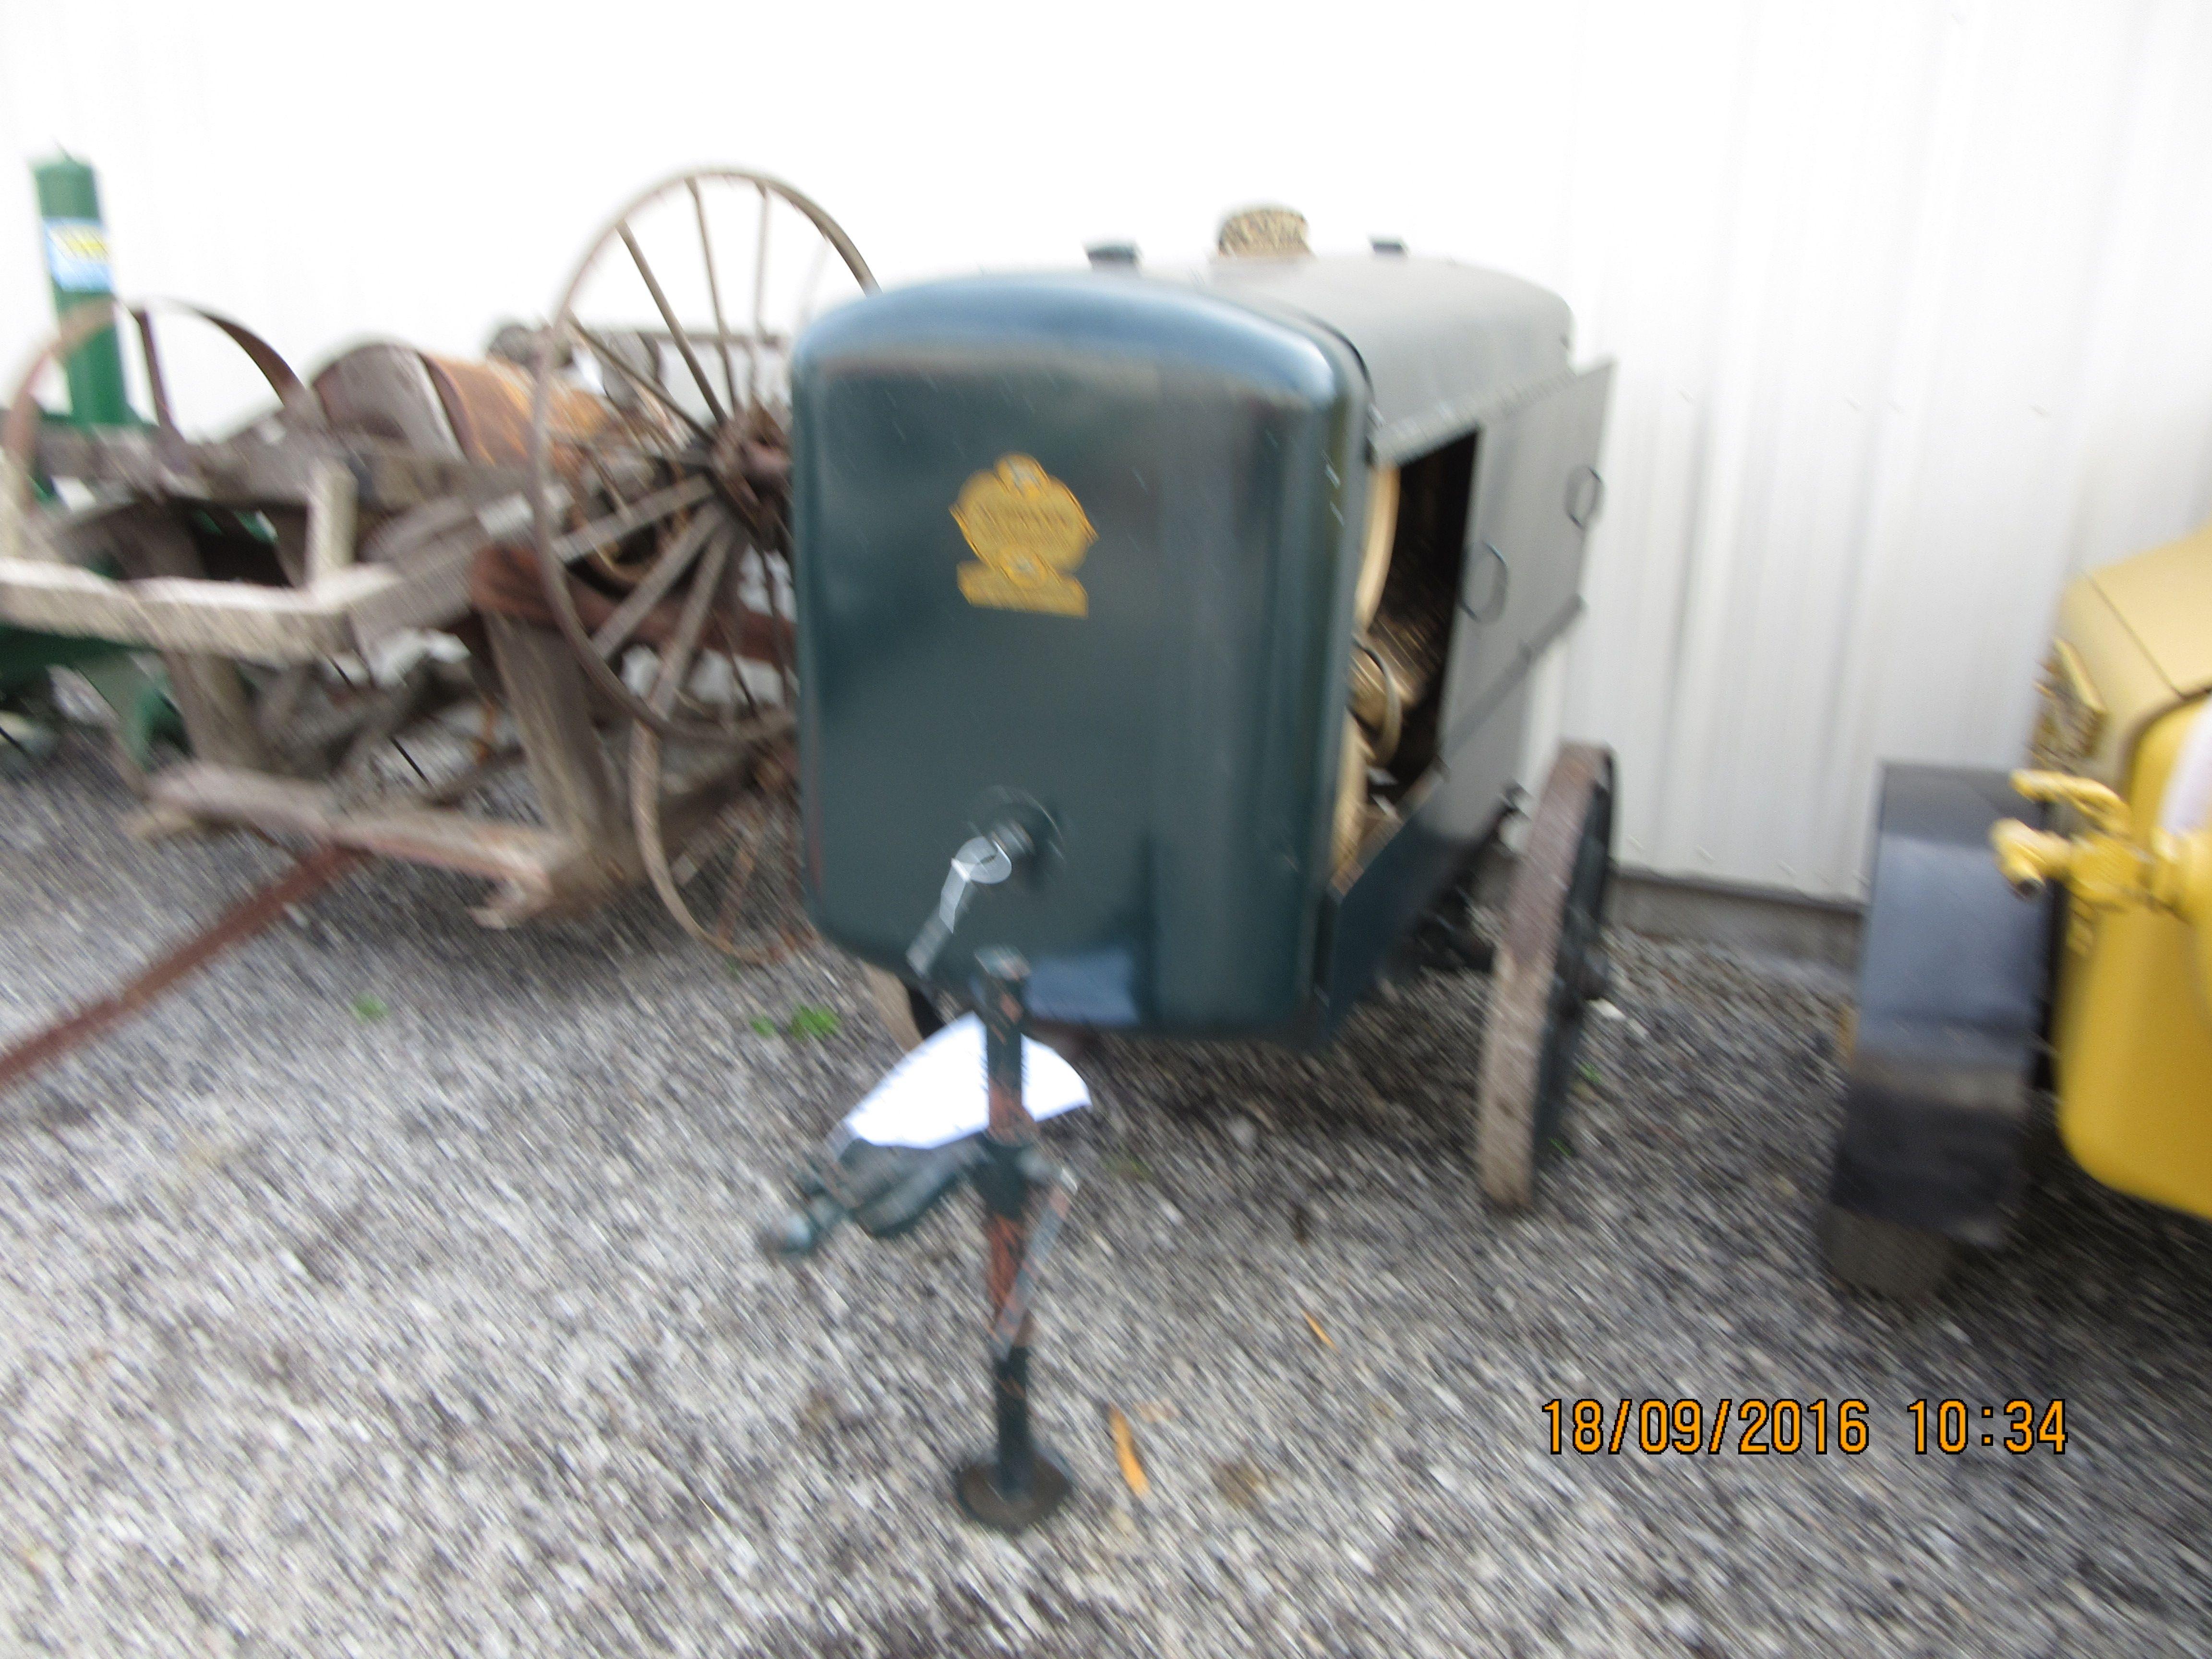 1943 Schramm FordAir 60 compressor